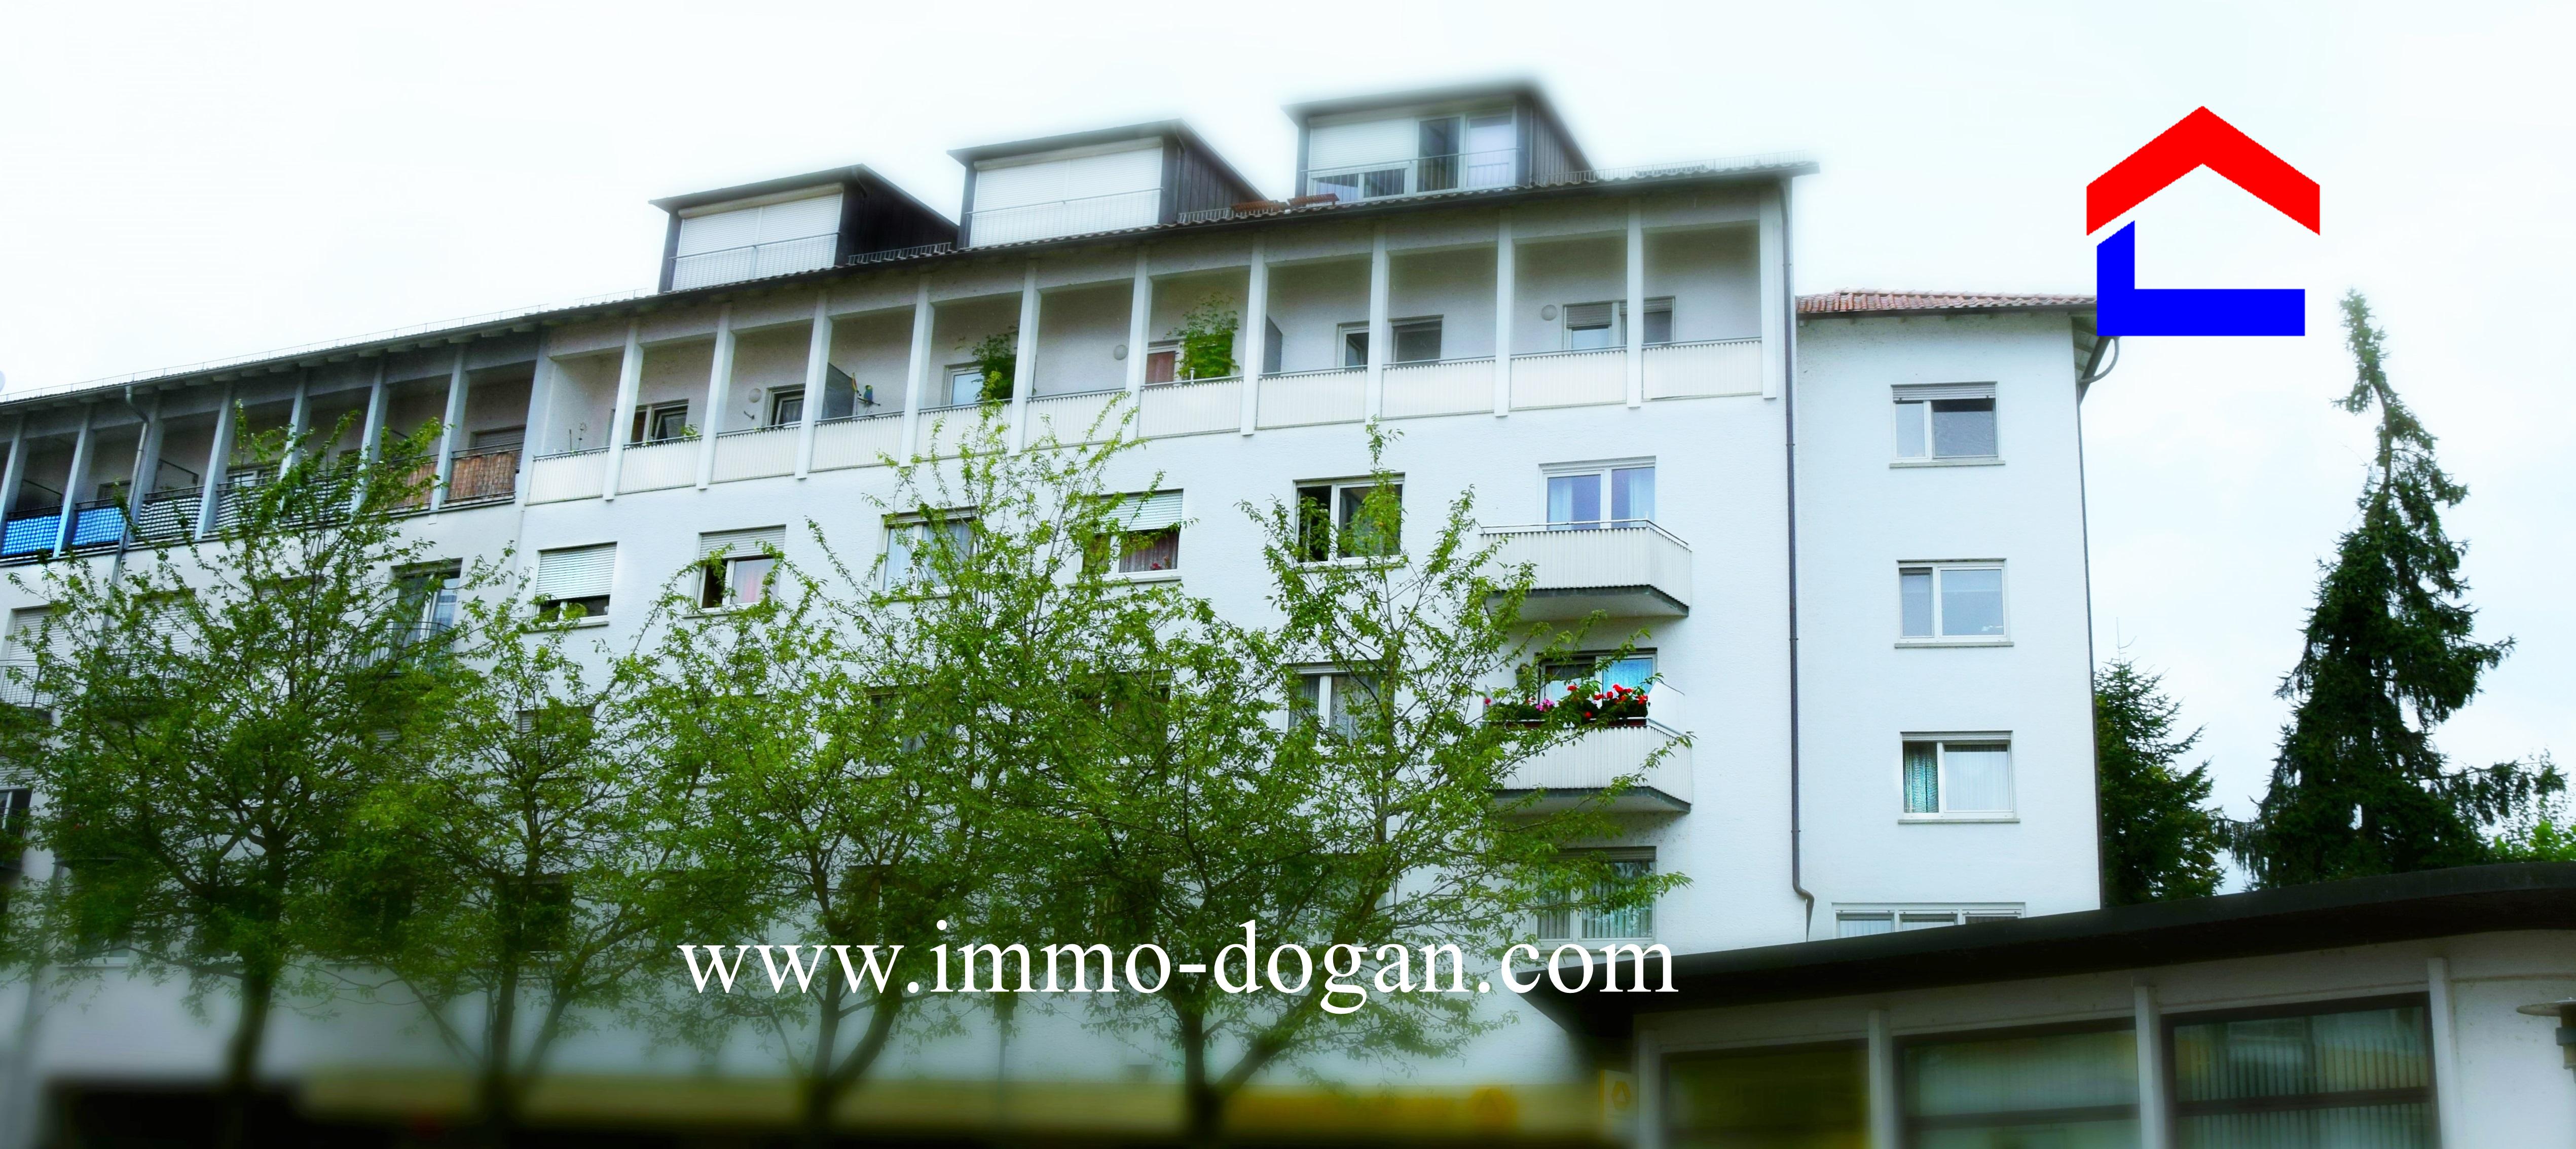 Renditeobjekt im Dreiländereck Friedrichshafen